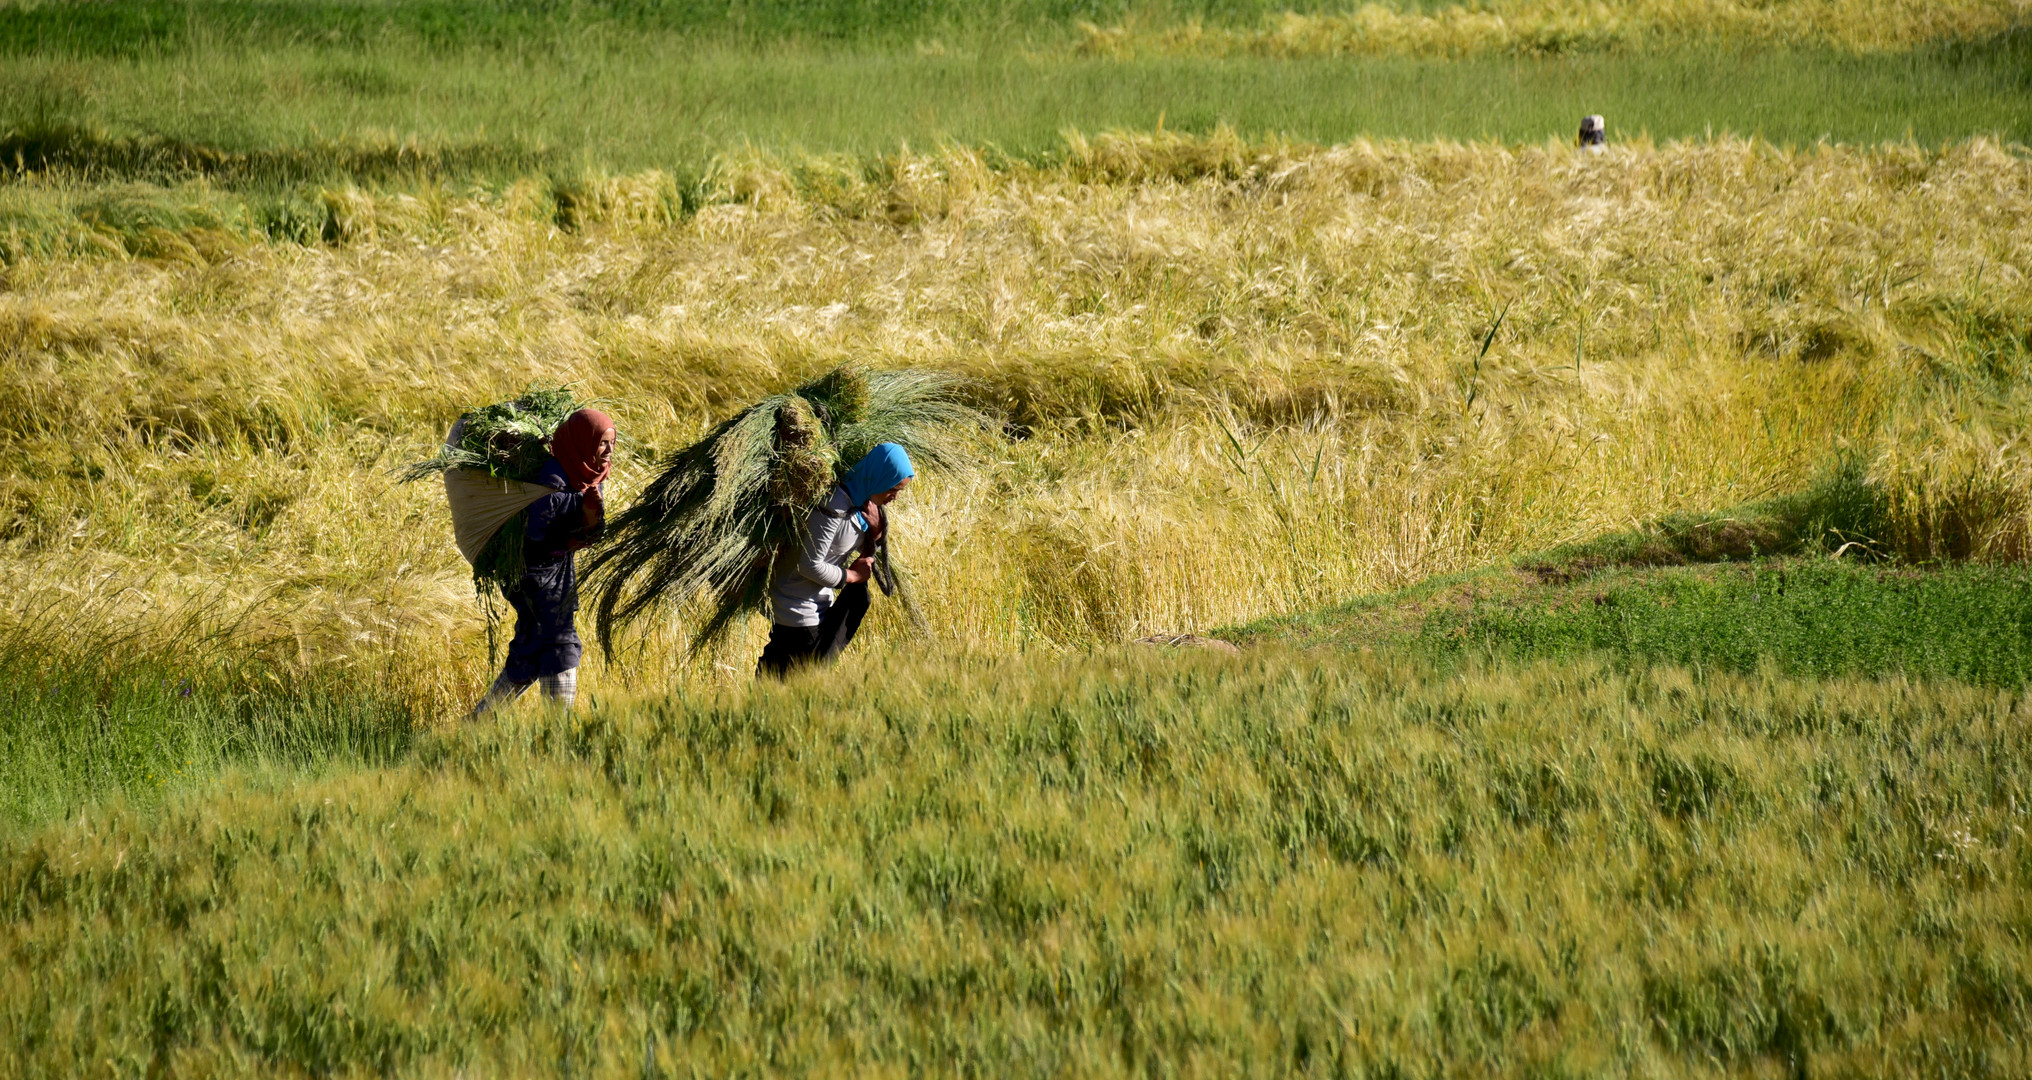 Handarbeit in der Landwirtschaft